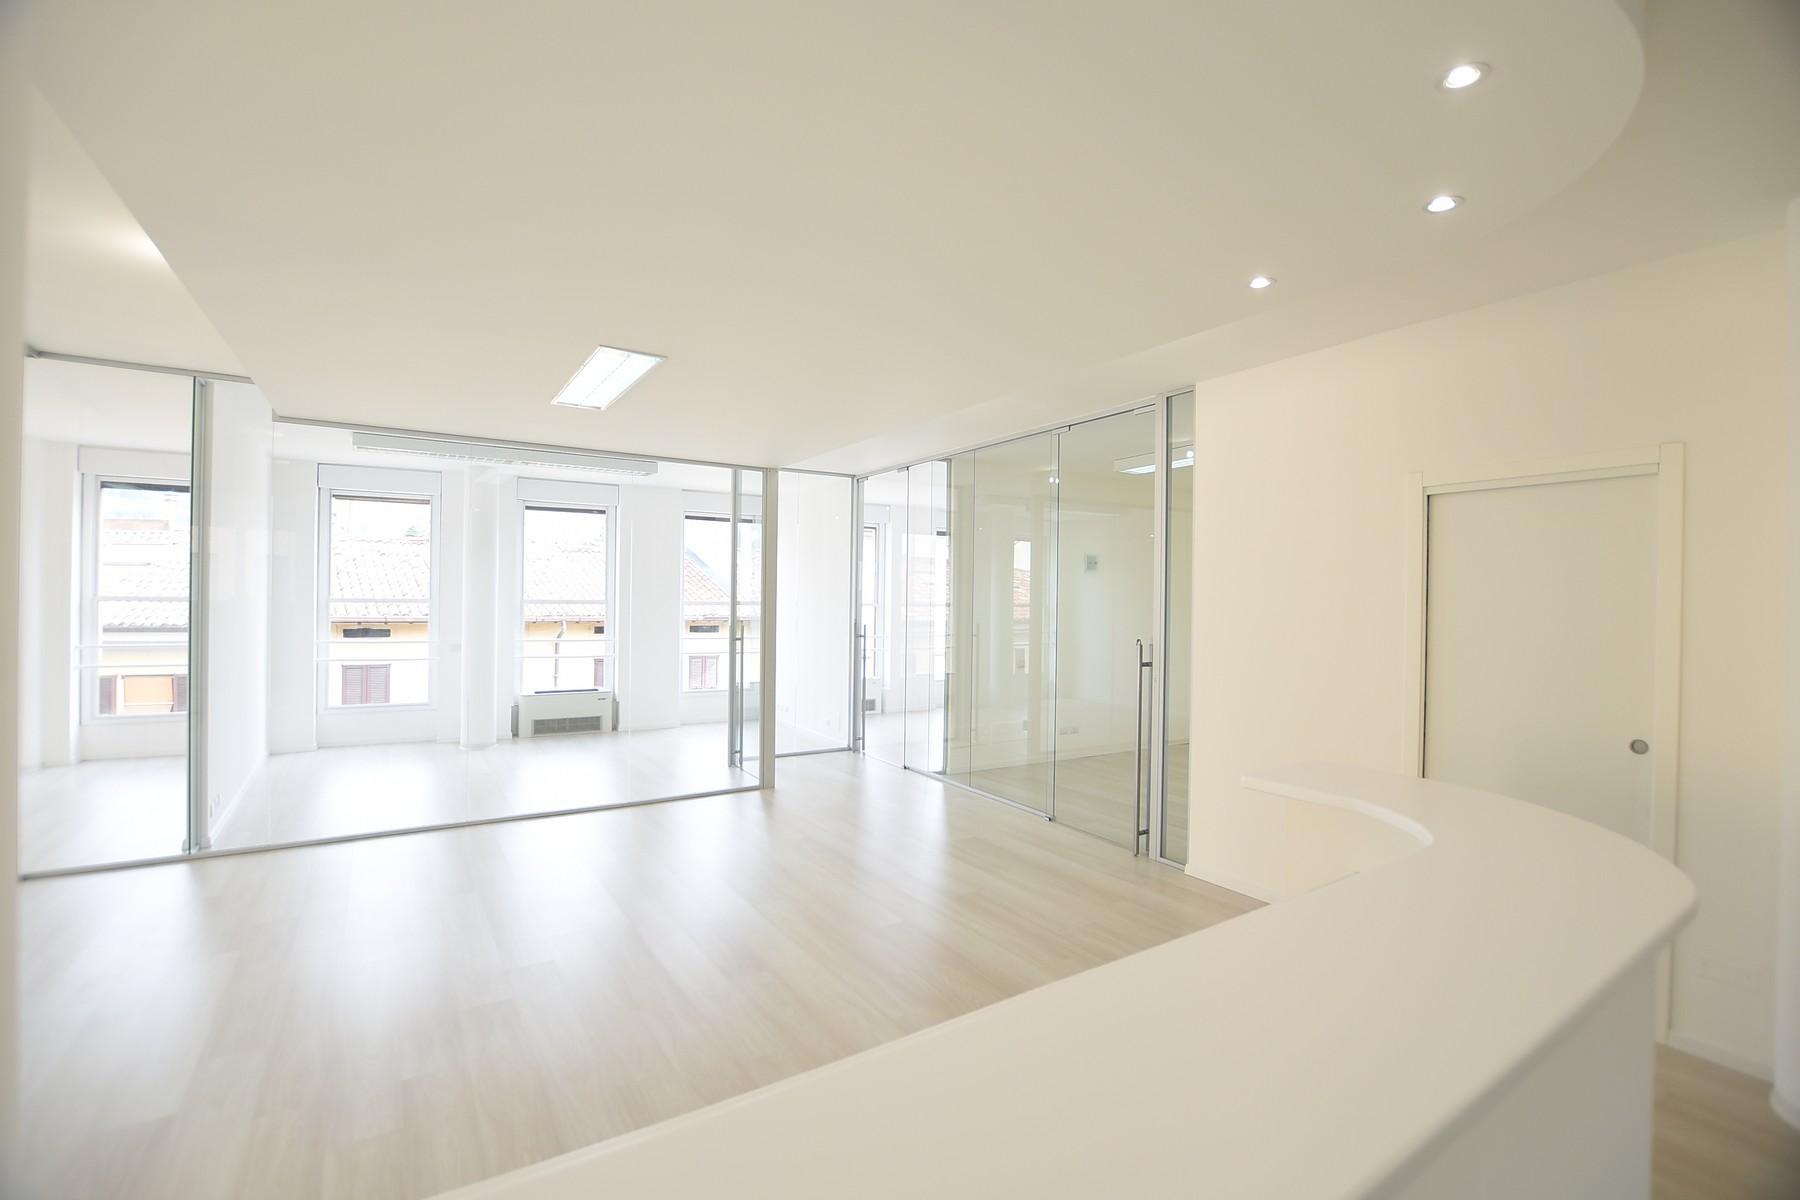 Ufficio-studio in Vendita a Como: 0 locali, 190 mq - Foto 6